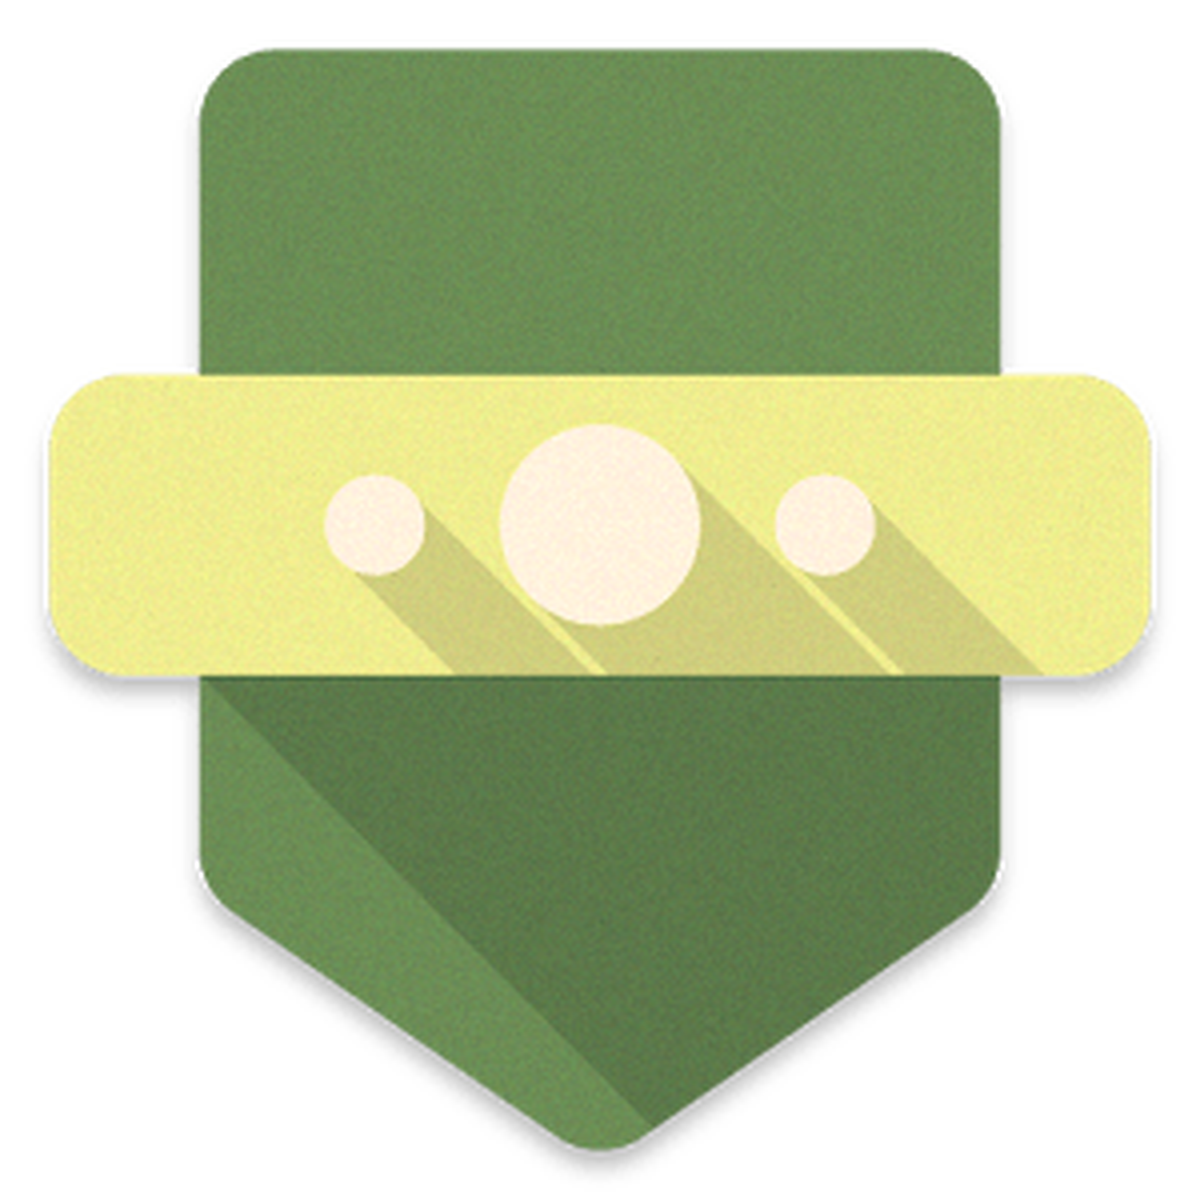 PHIX RETRO - ICON PACK 7.2